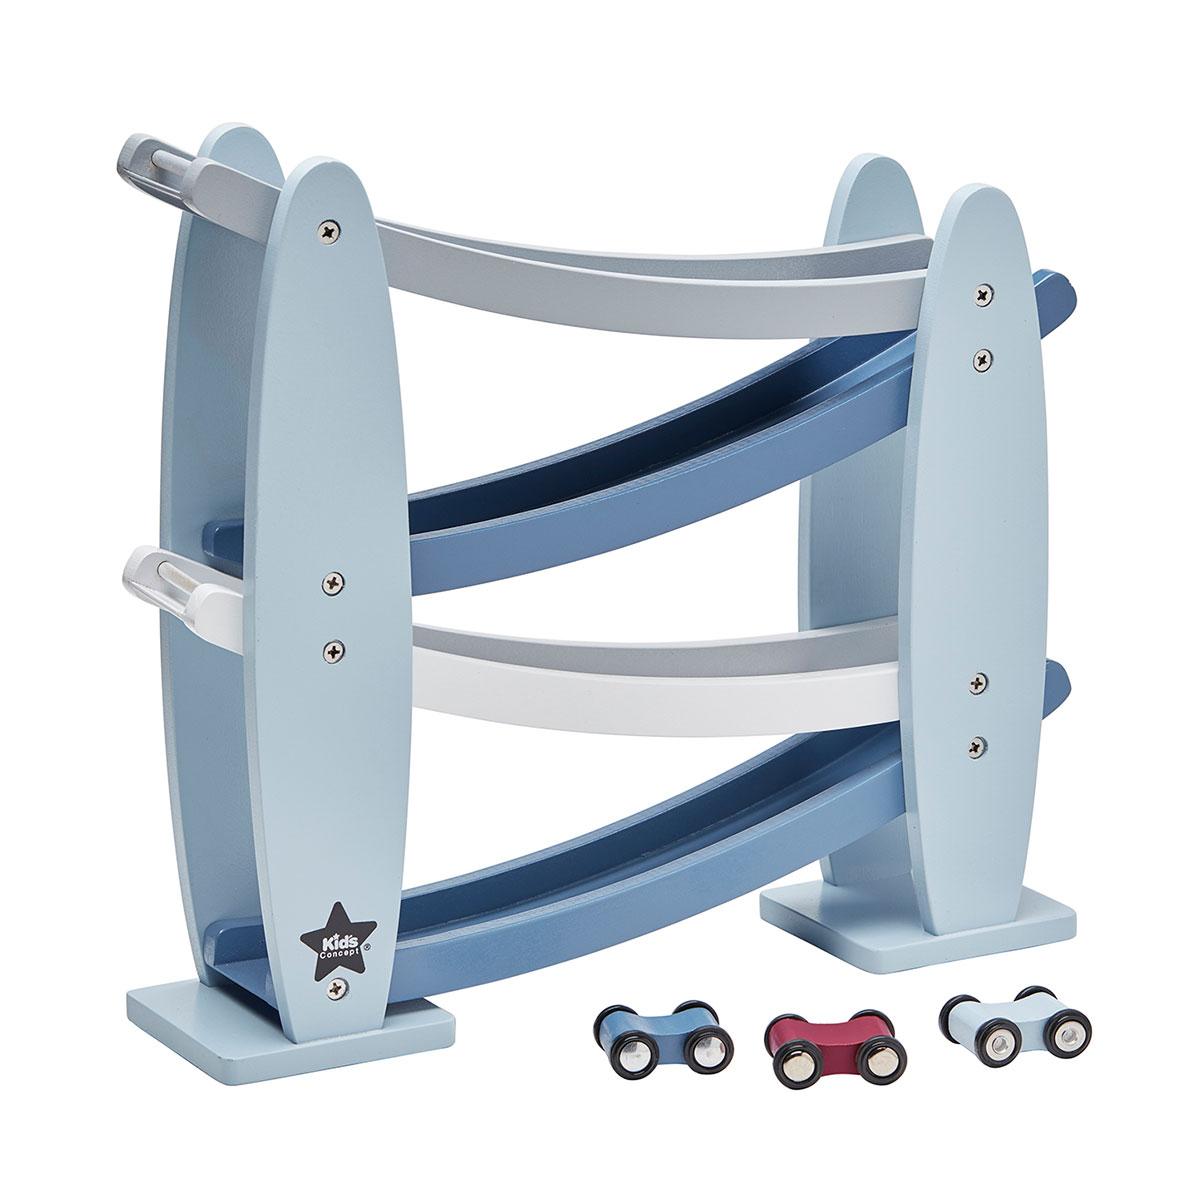 Billede af Kids Concept bilbane - Blå og grå